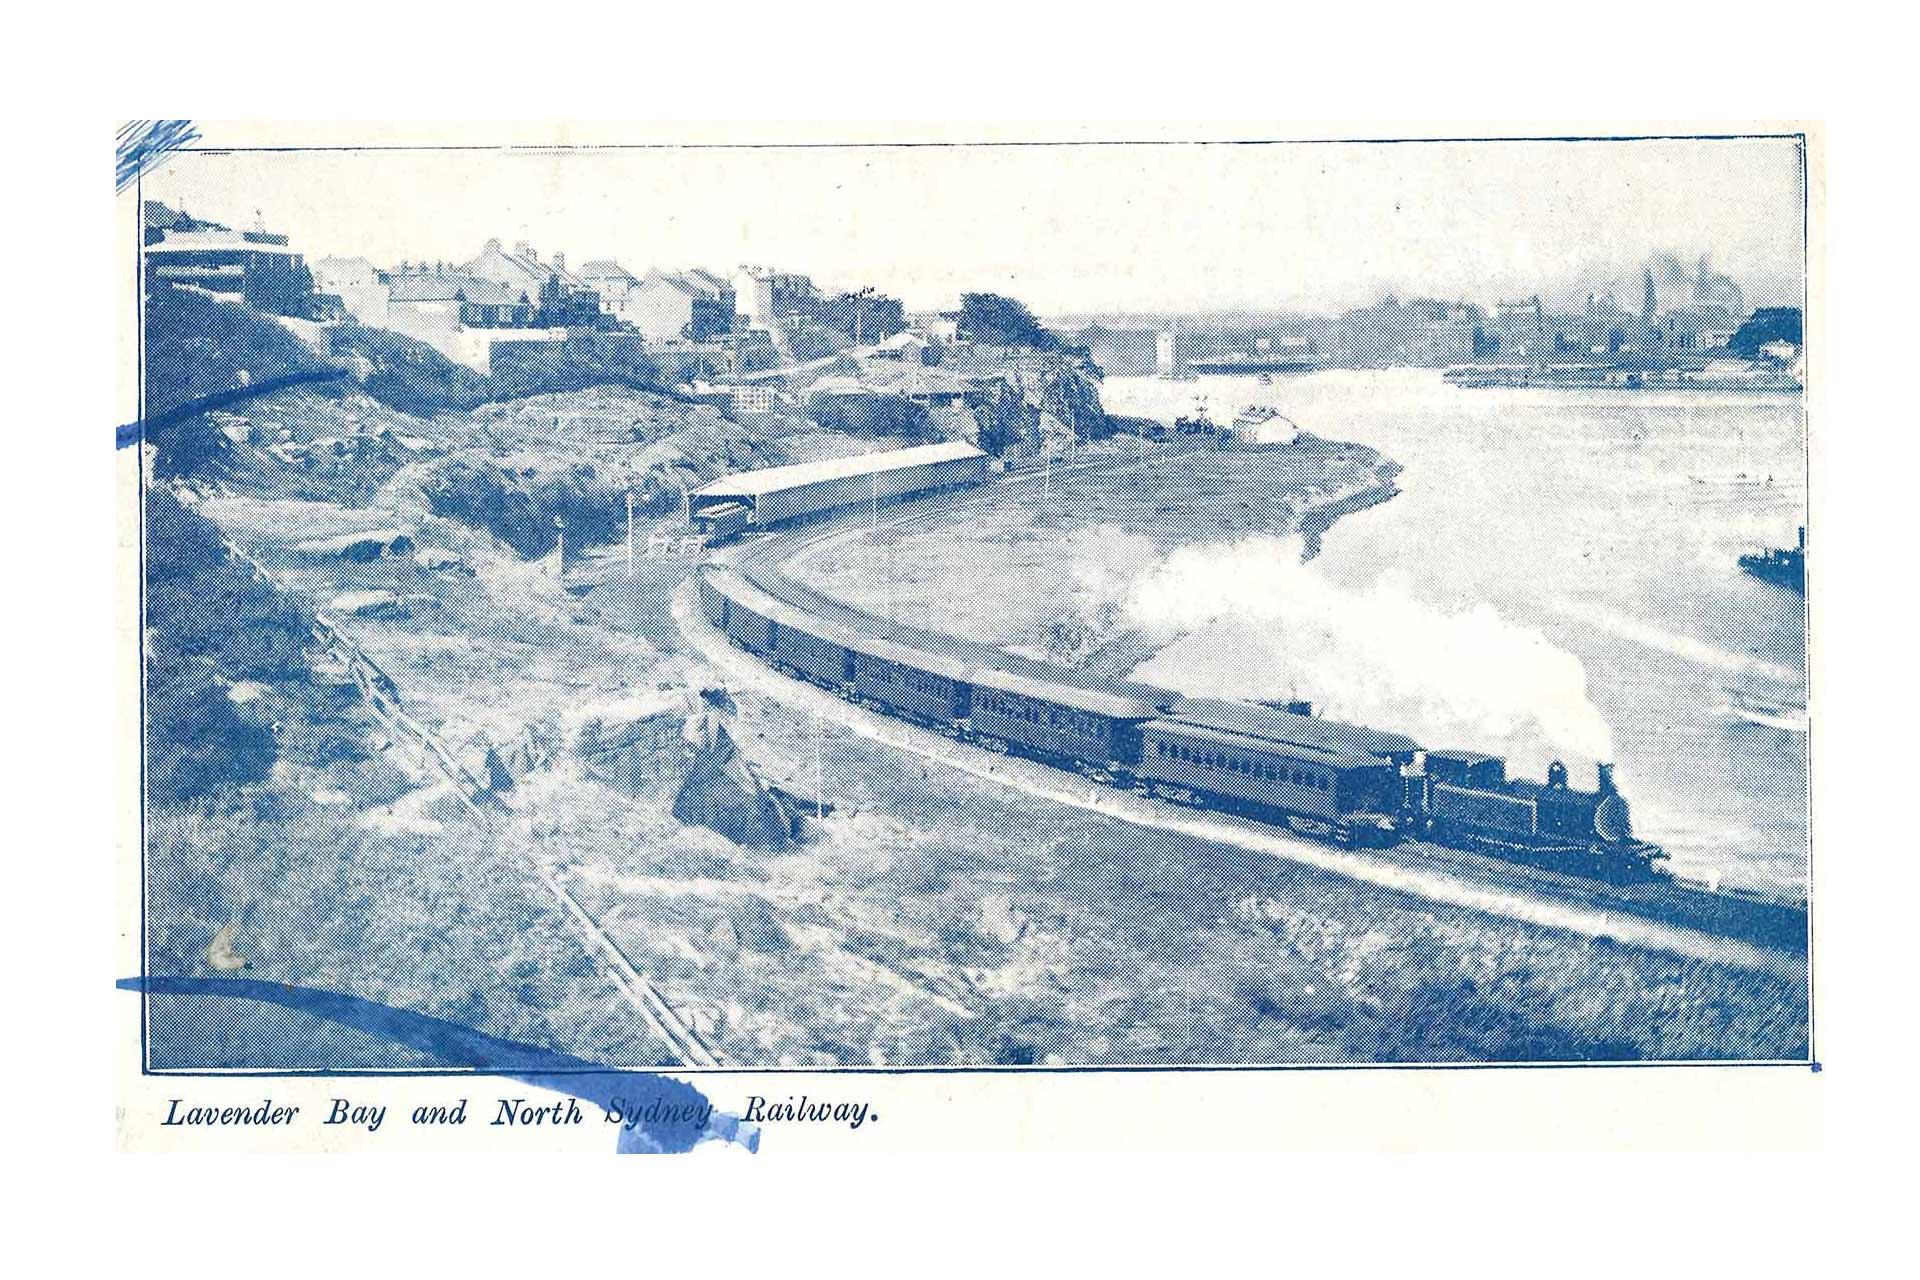 Wendy's Garden Lavender Bay Railway 1932